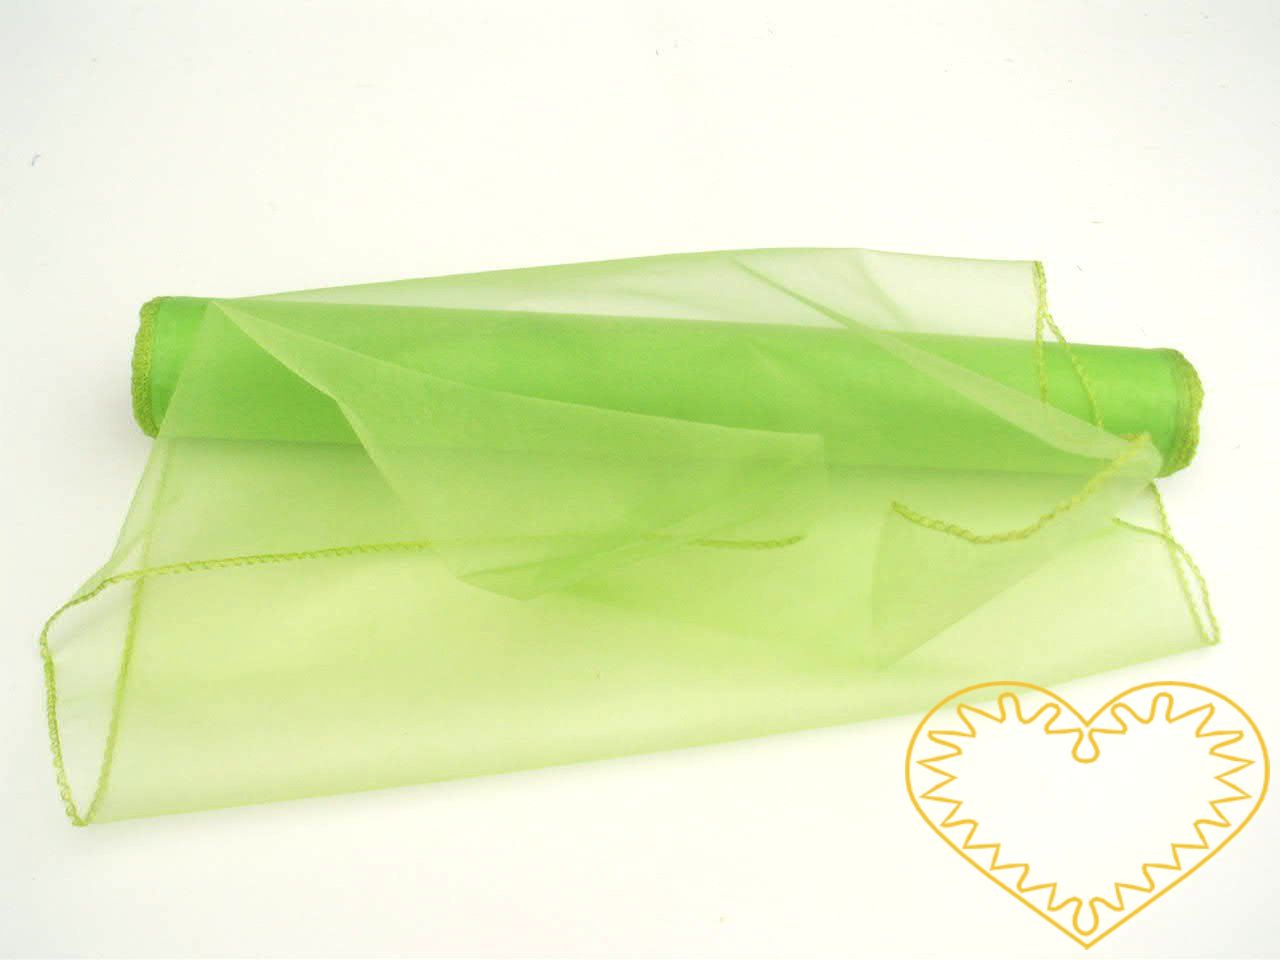 Organza světle zelená - šíře 38 cm, délka 8,22 m, z obou stran obroubená. Organza má široké využítí - k dekoračním účelům, k šití, do květinových aranžmá, pro výzdobu slavnostní tabule, k balení dárků, jako mašle, na výrobu broží i dalších ozdob.